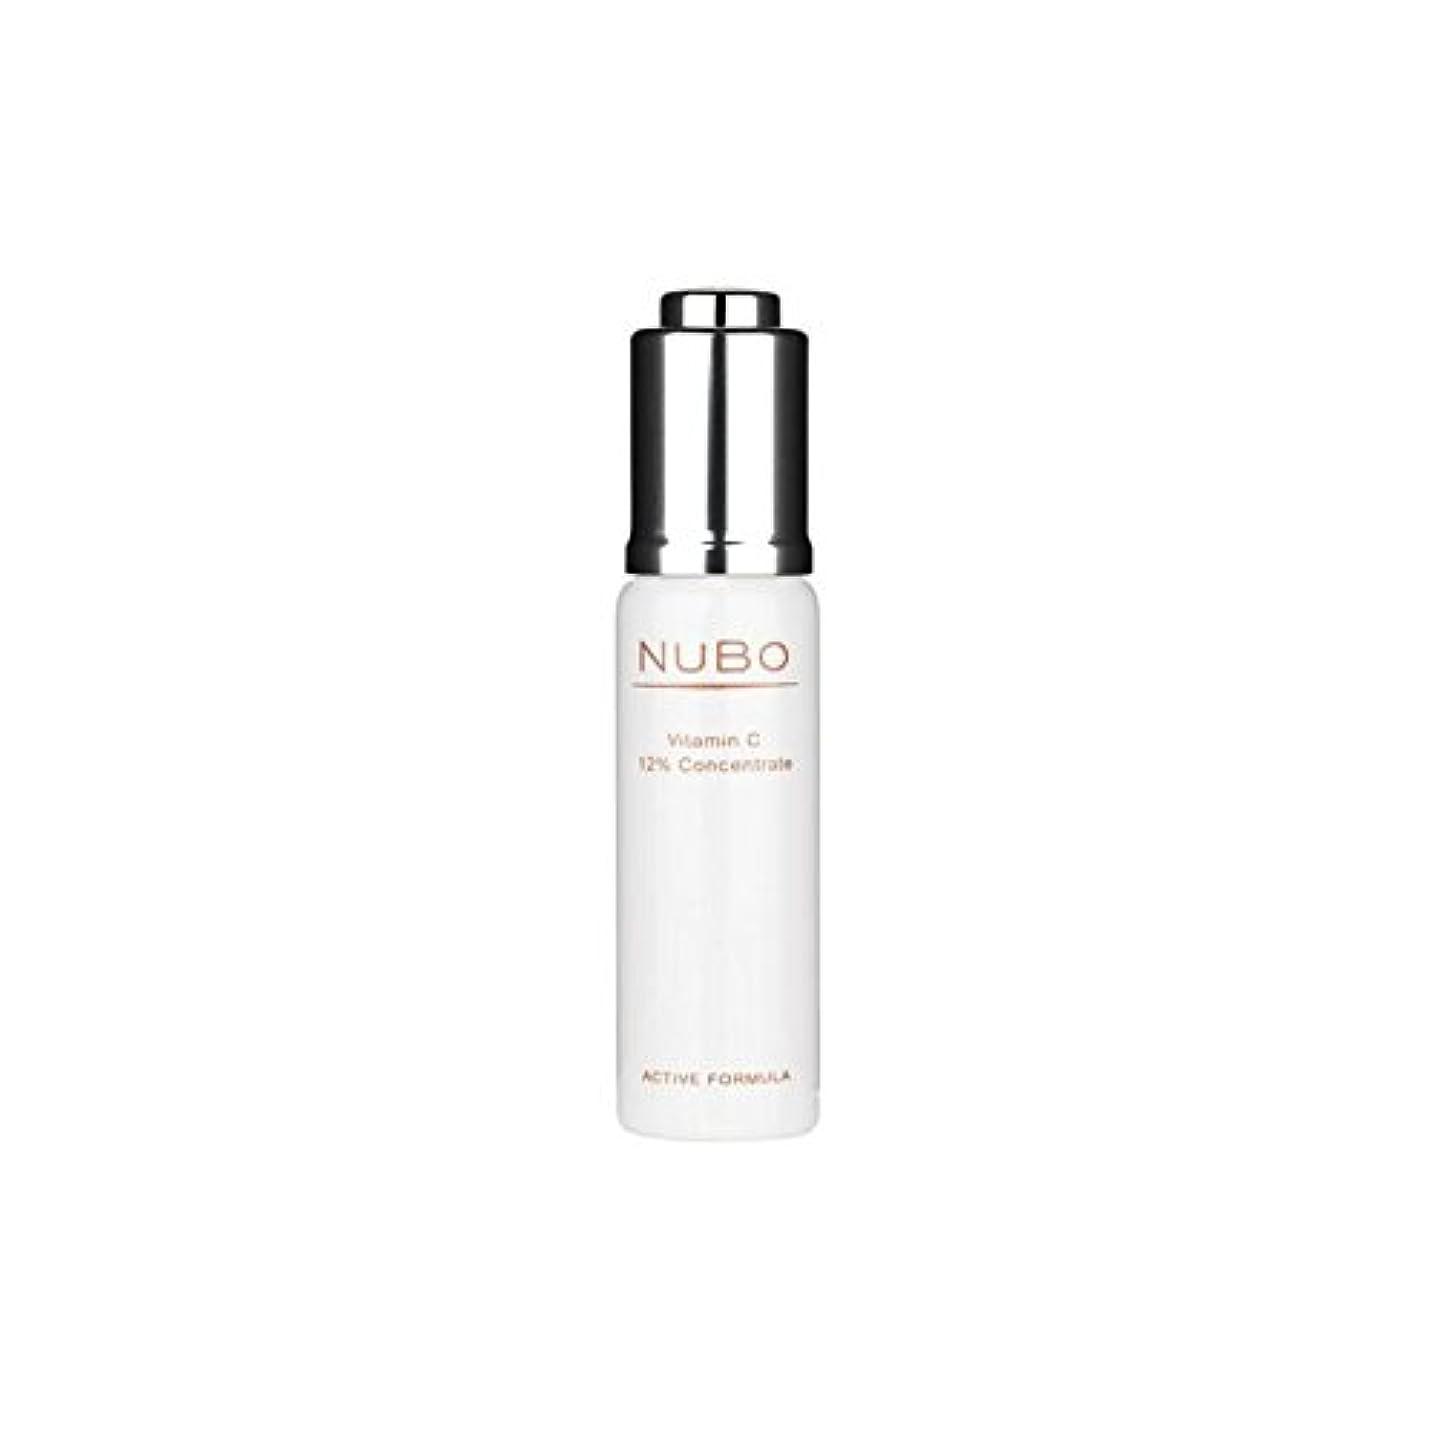 加害者ストレスボウルビタミン 12%の濃縮物(15ミリリットル) x2 - Nubo Vitamin C 12% Concentrate (15ml) (Pack of 2) [並行輸入品]